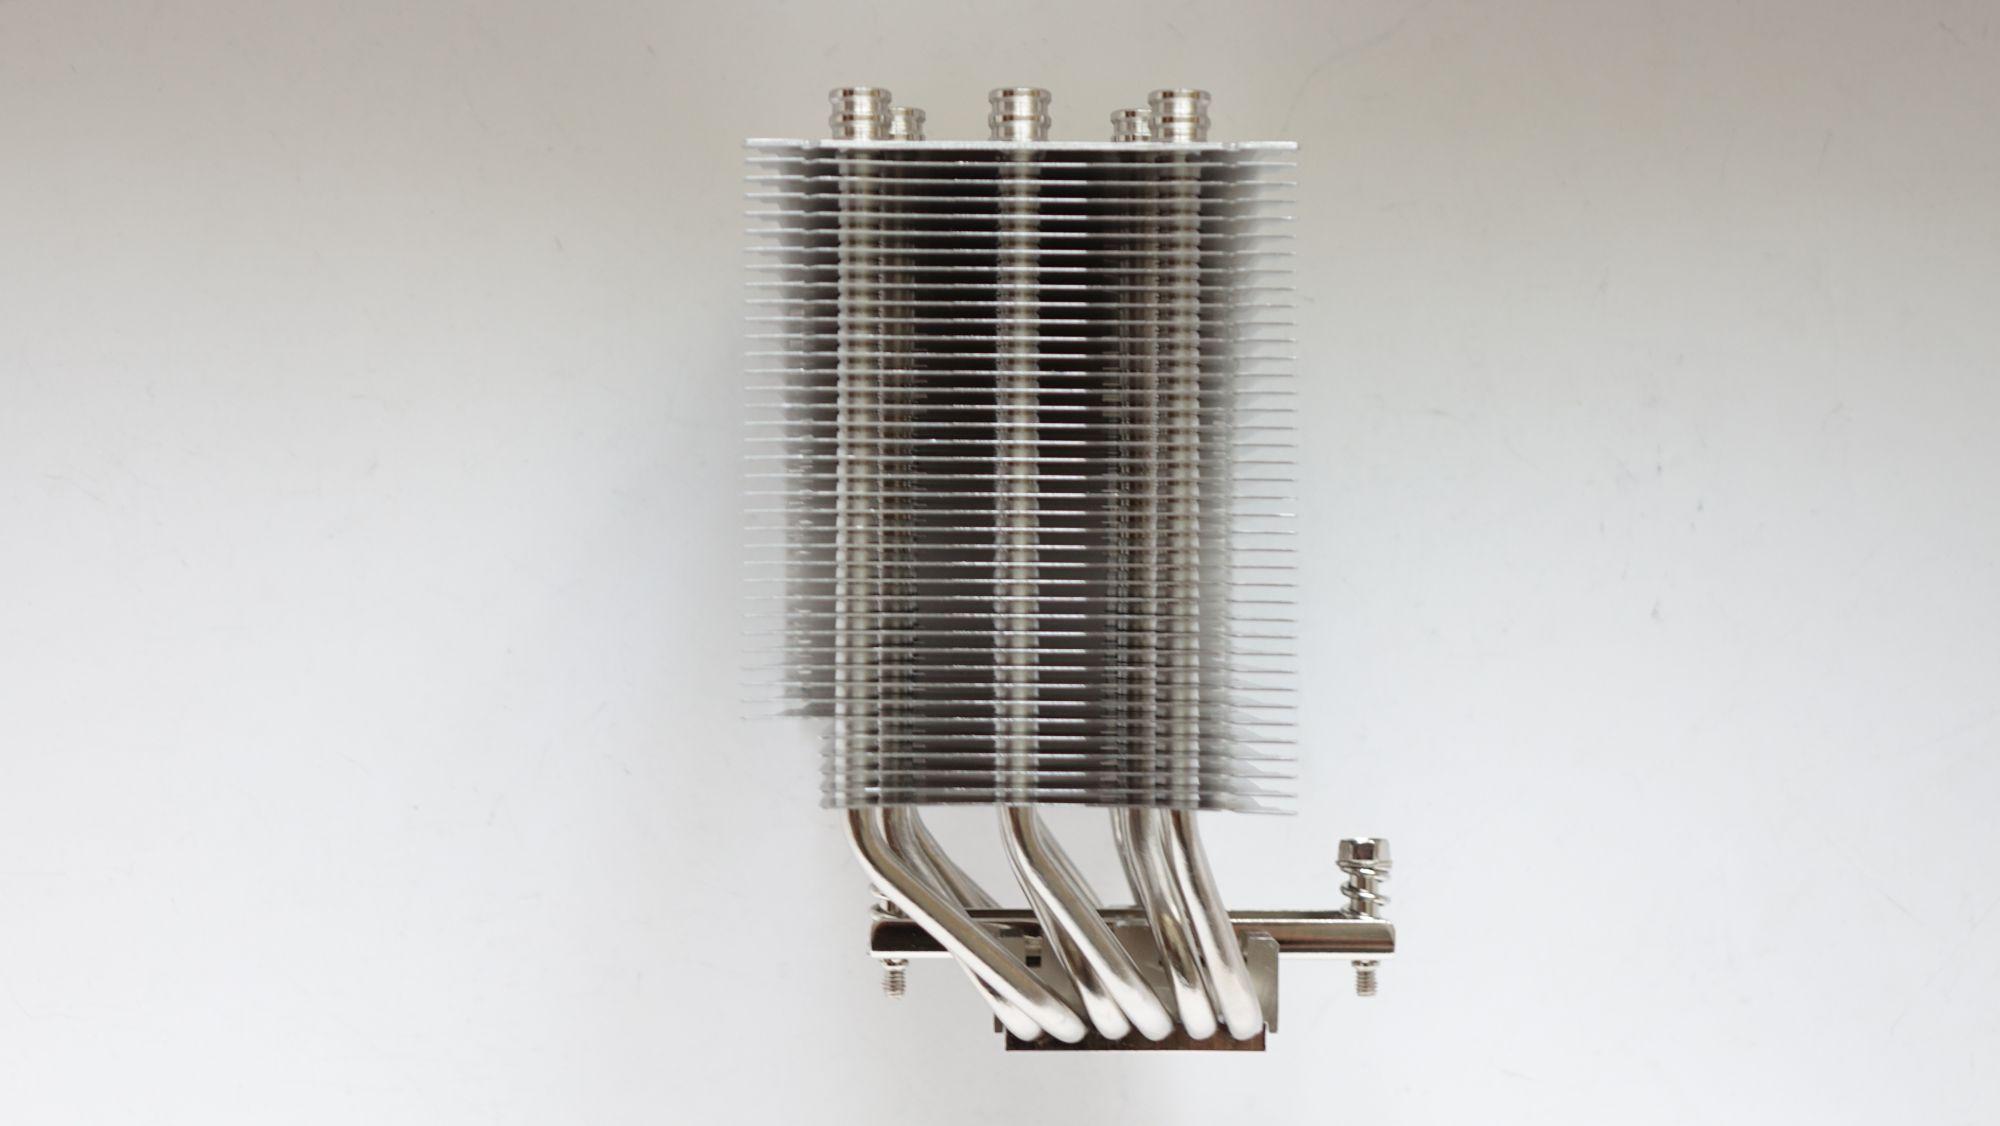 Scythe Mugen 5 радиатор профиль